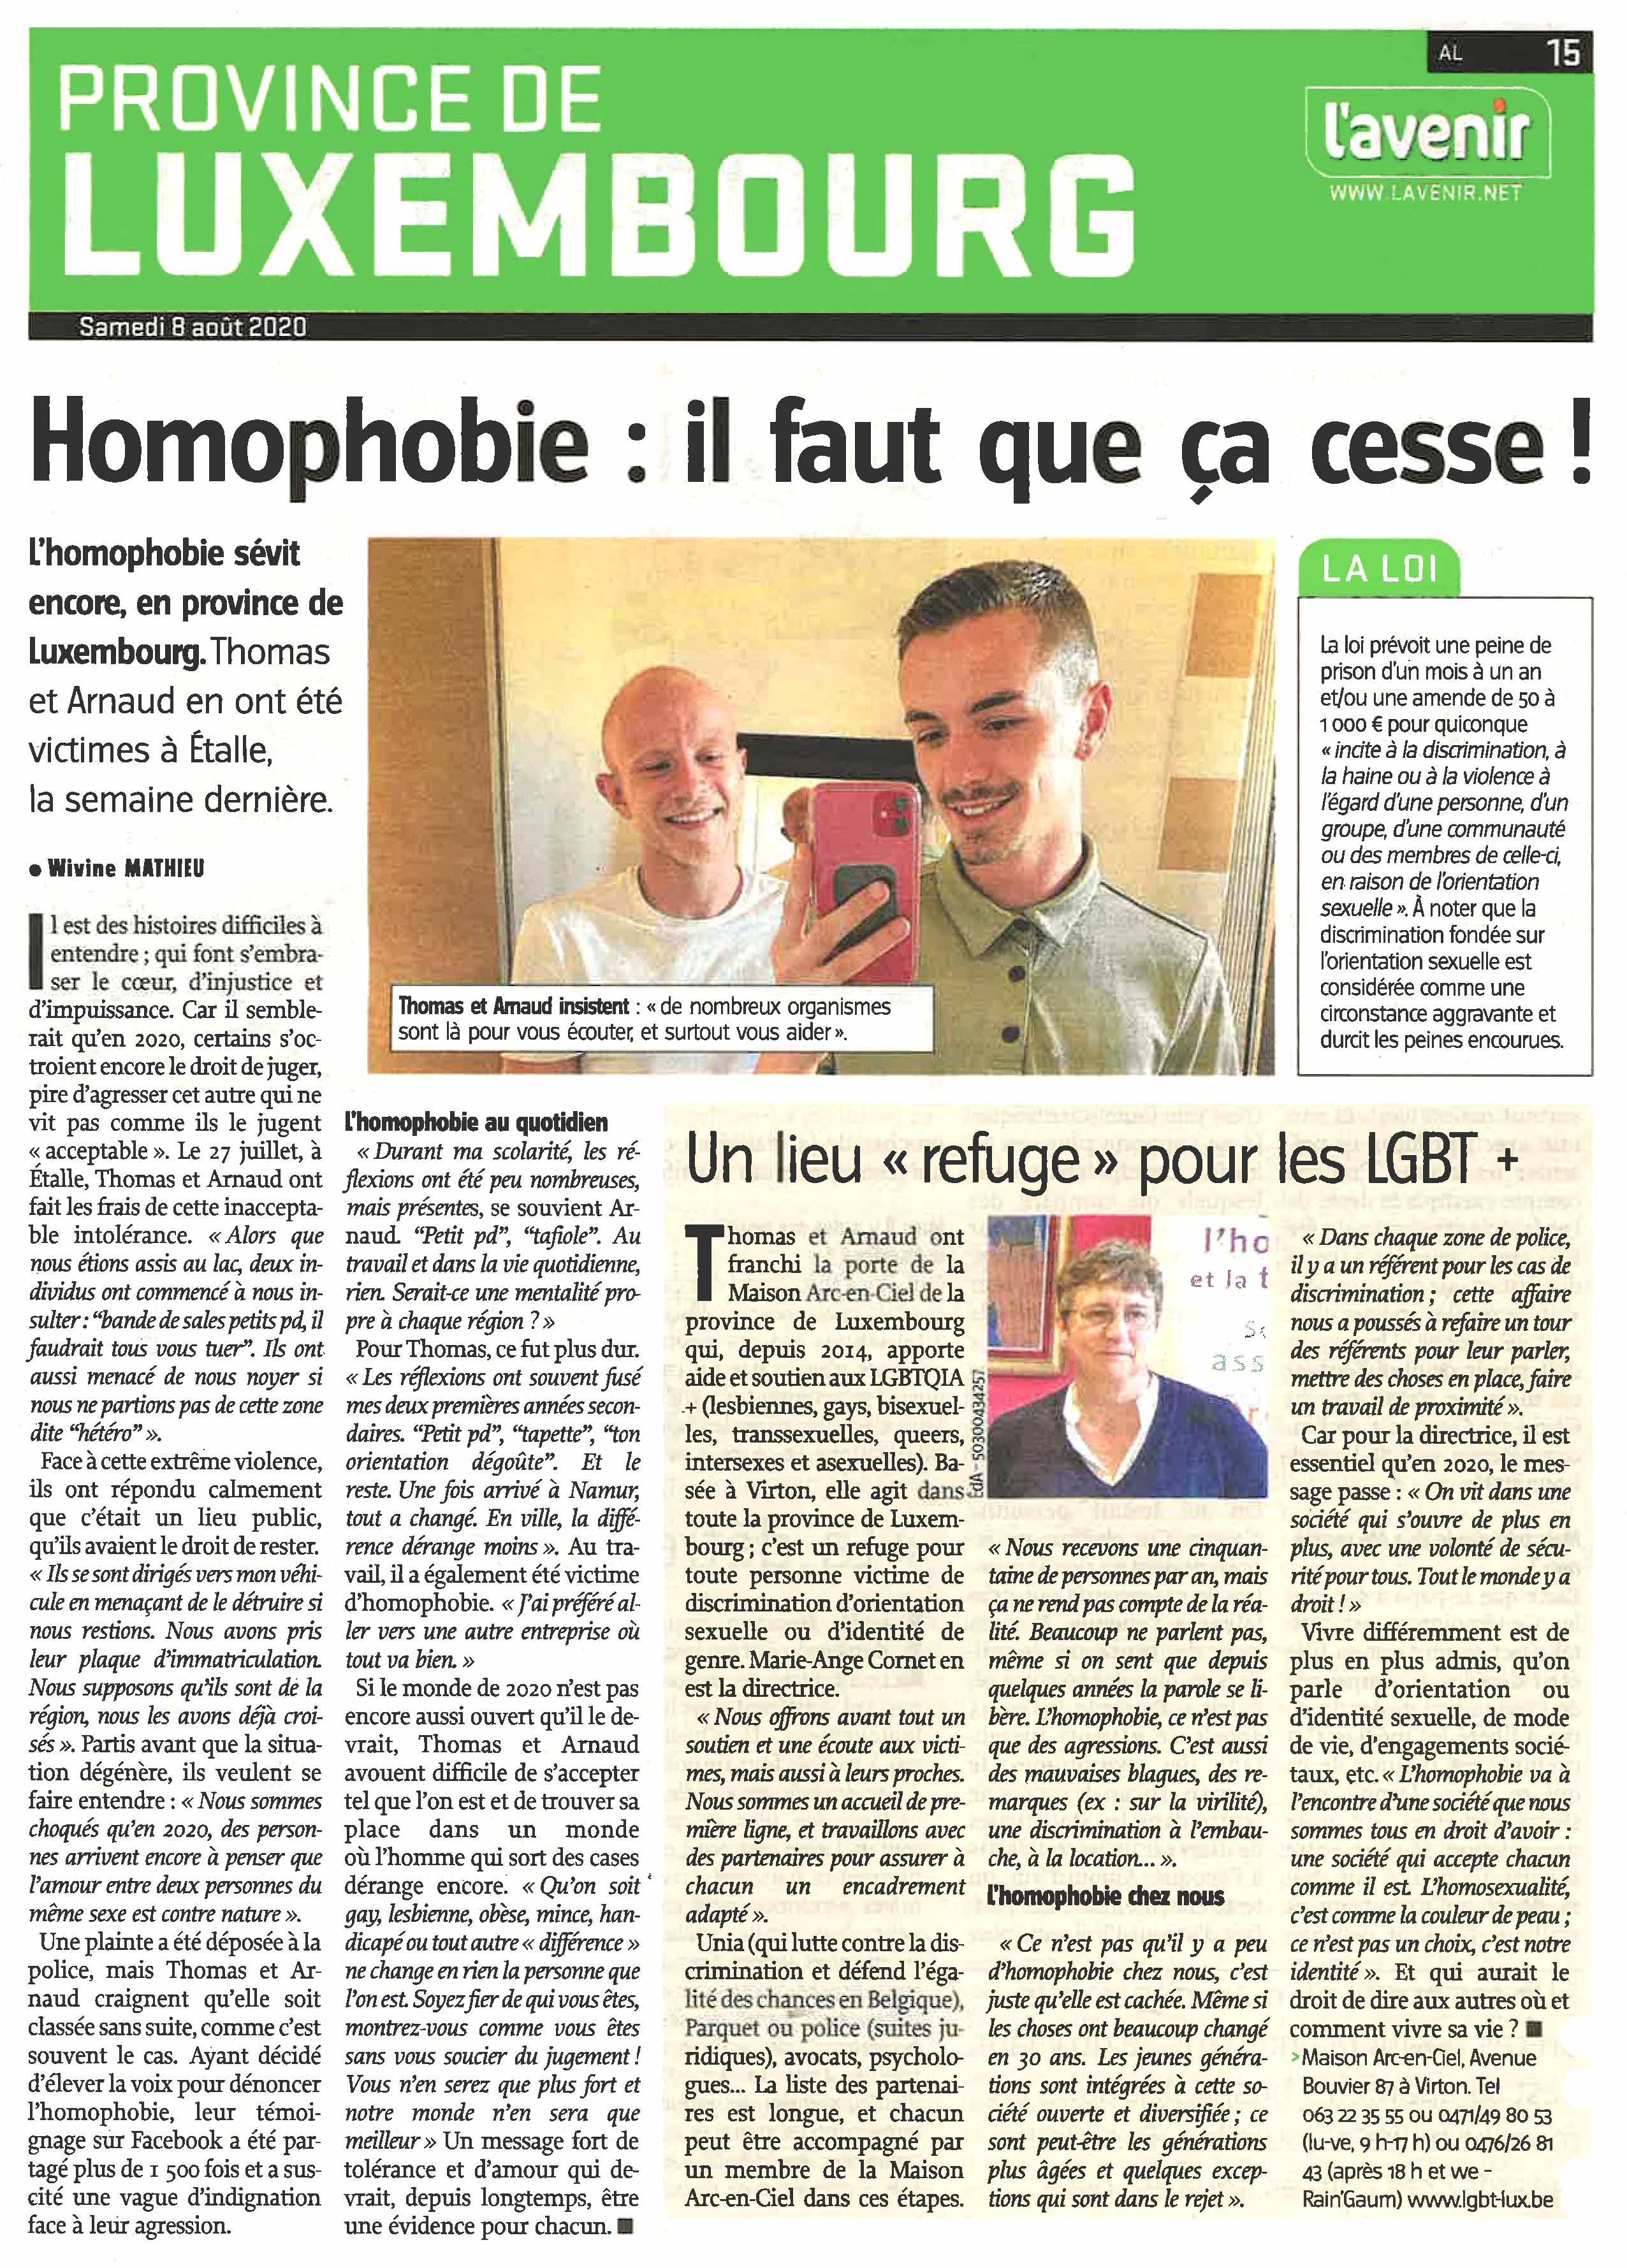 L'homophobie: il faut que ça cesse. Un article de Wivine Mathieu dans l'Avenir Luxembourg du 8 août 2020